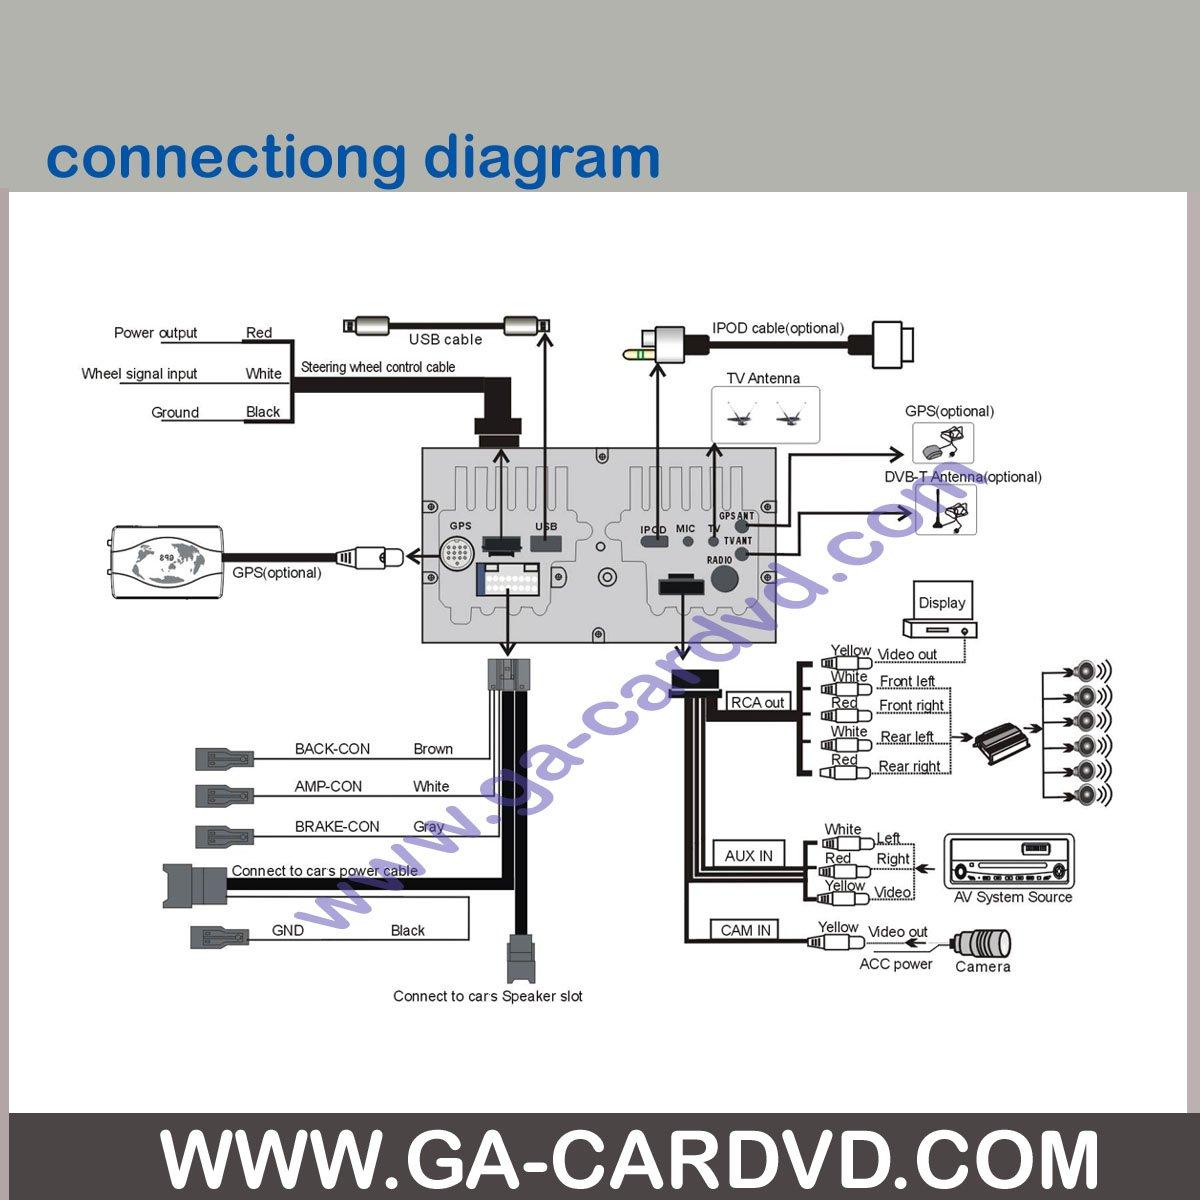 honda civic cd player wiring diagram hayman reese trailer brake controller in dash dvd get free image